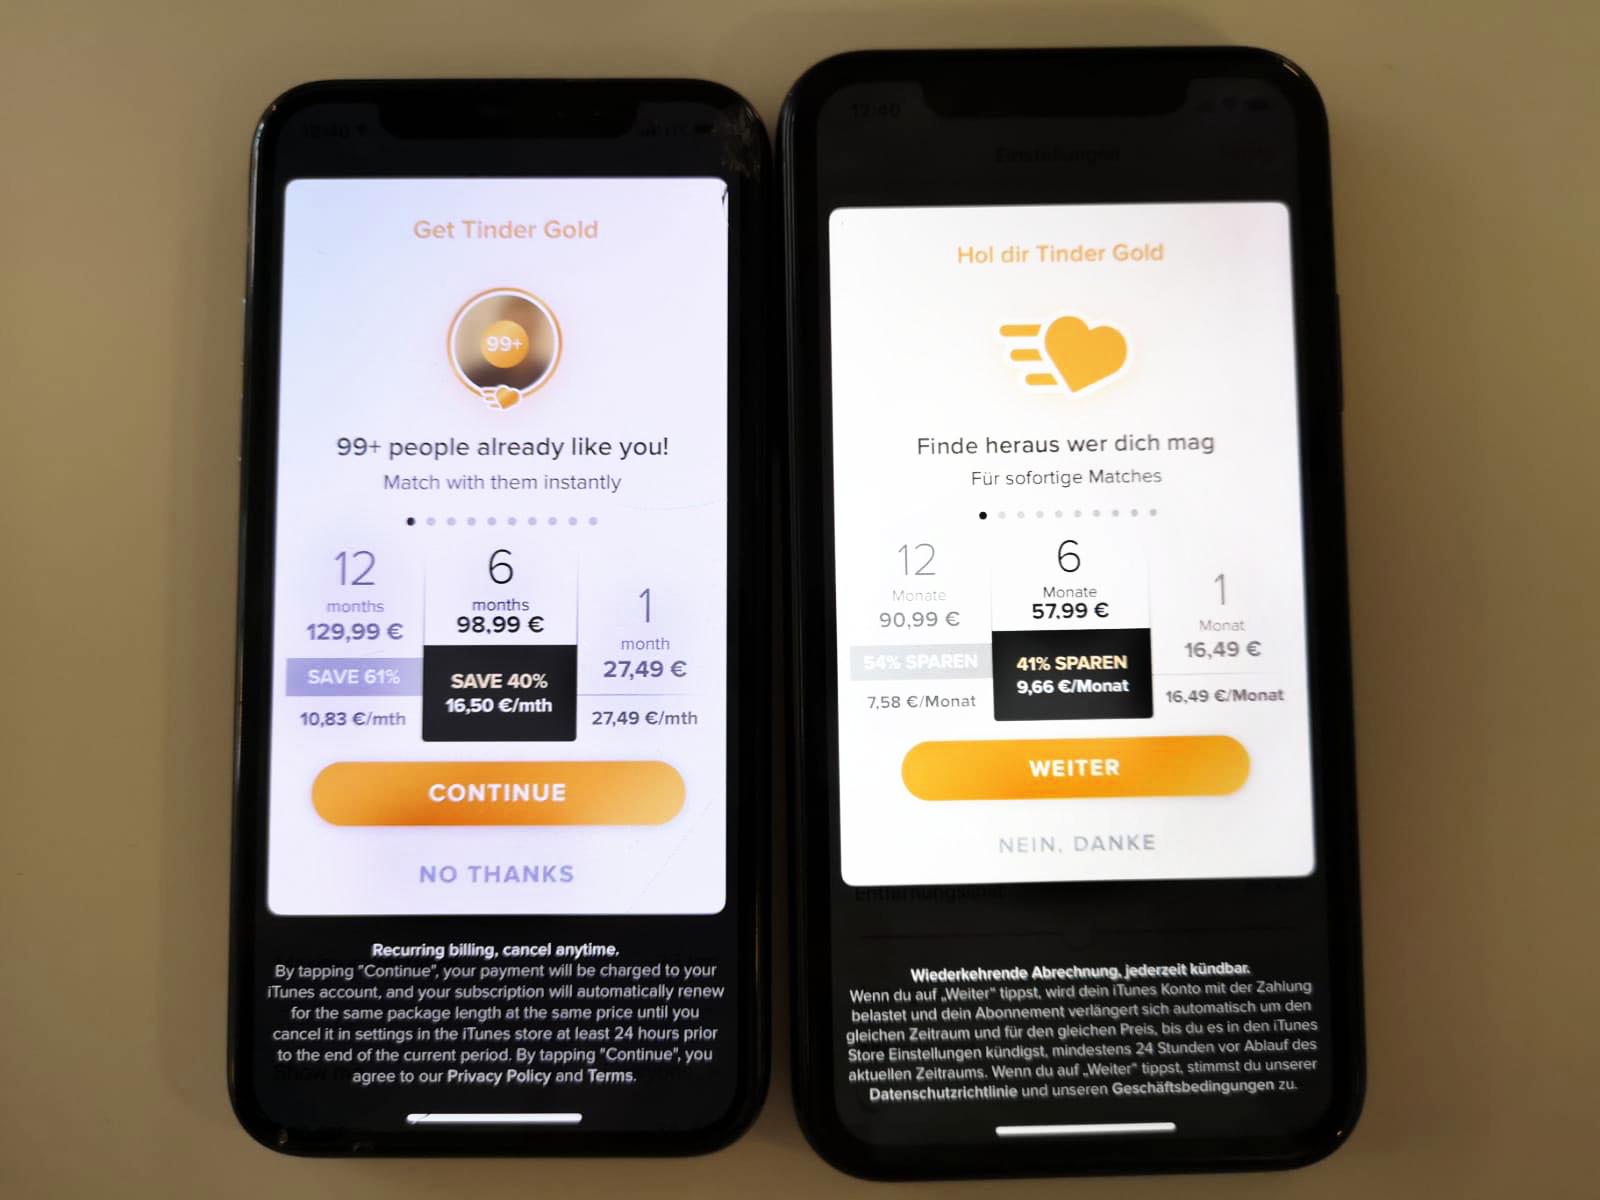 Auf dem linken Handy wird Tinder Gold für 98,99 Euro angeboten, auf dem rechten für 57,99 Euro.